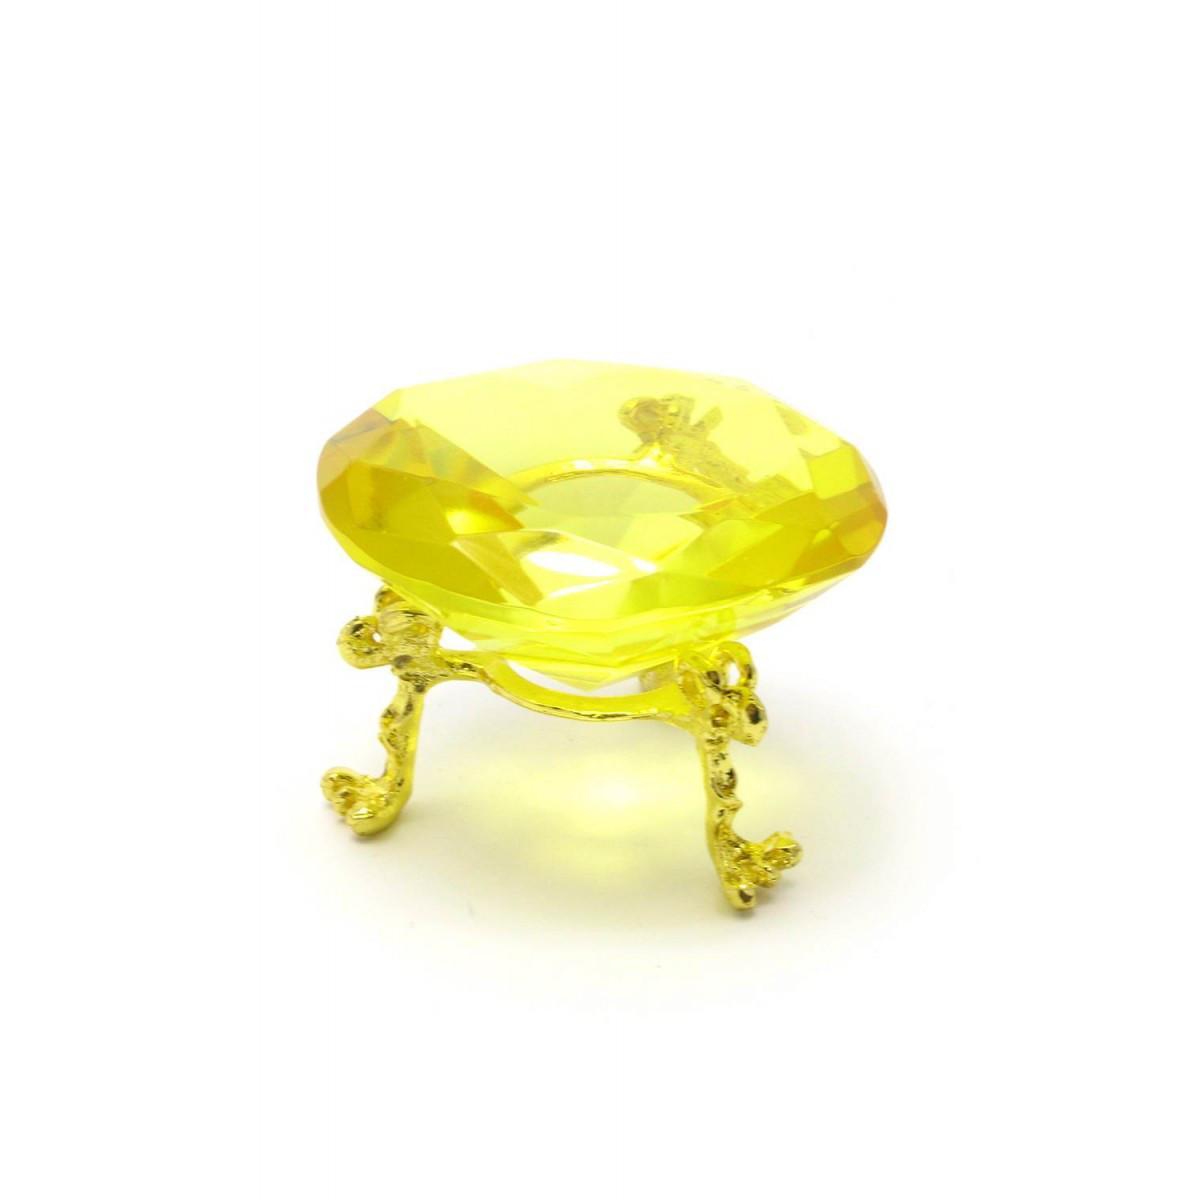 Кристалл из хрусталя на подставке желтый